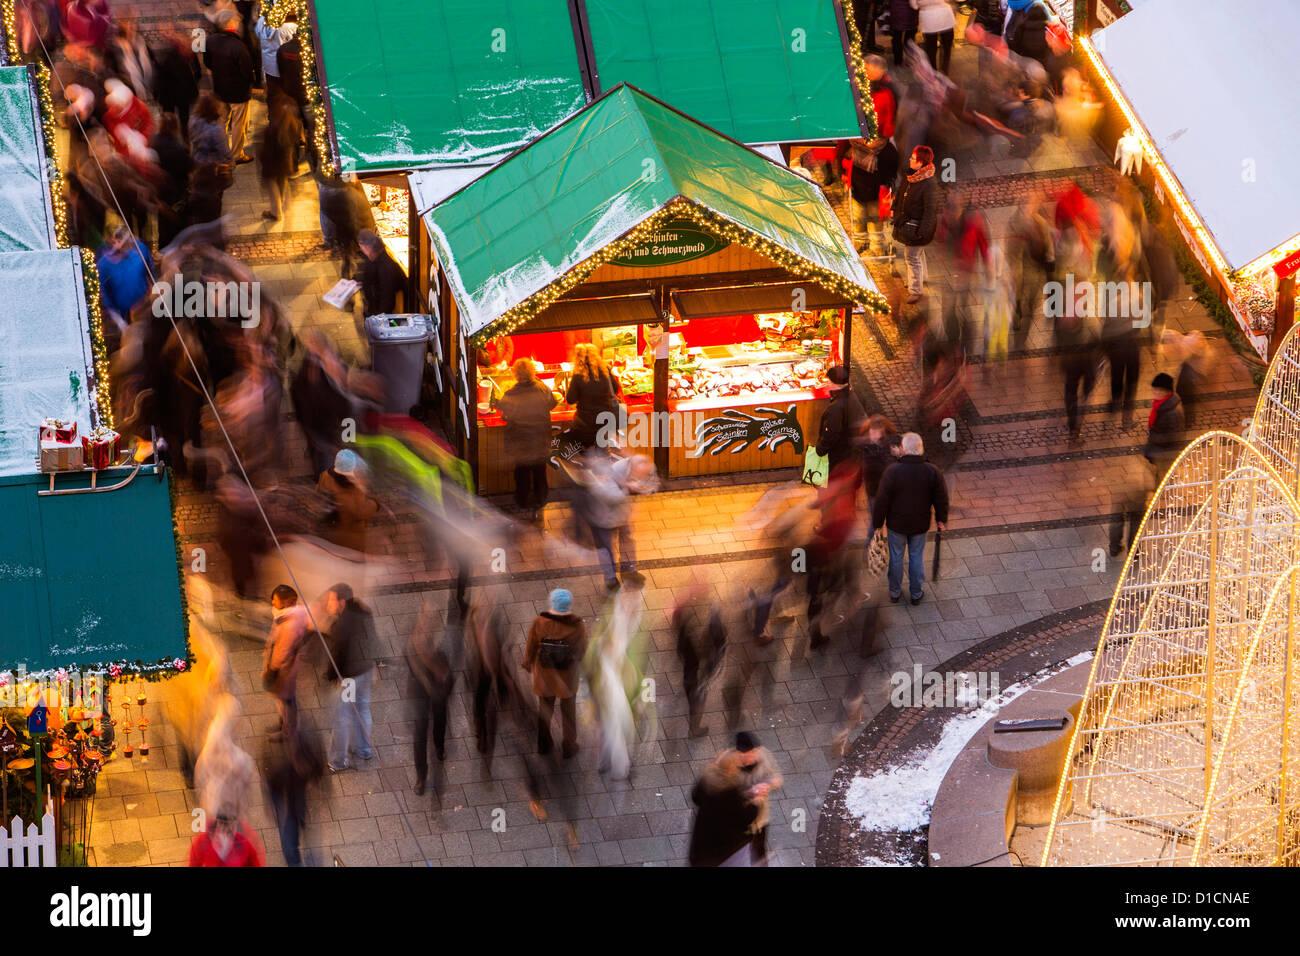 Weihnachtsmarkt in der Stadt Zentrum von Essen, Deutschland, Europa Stockbild